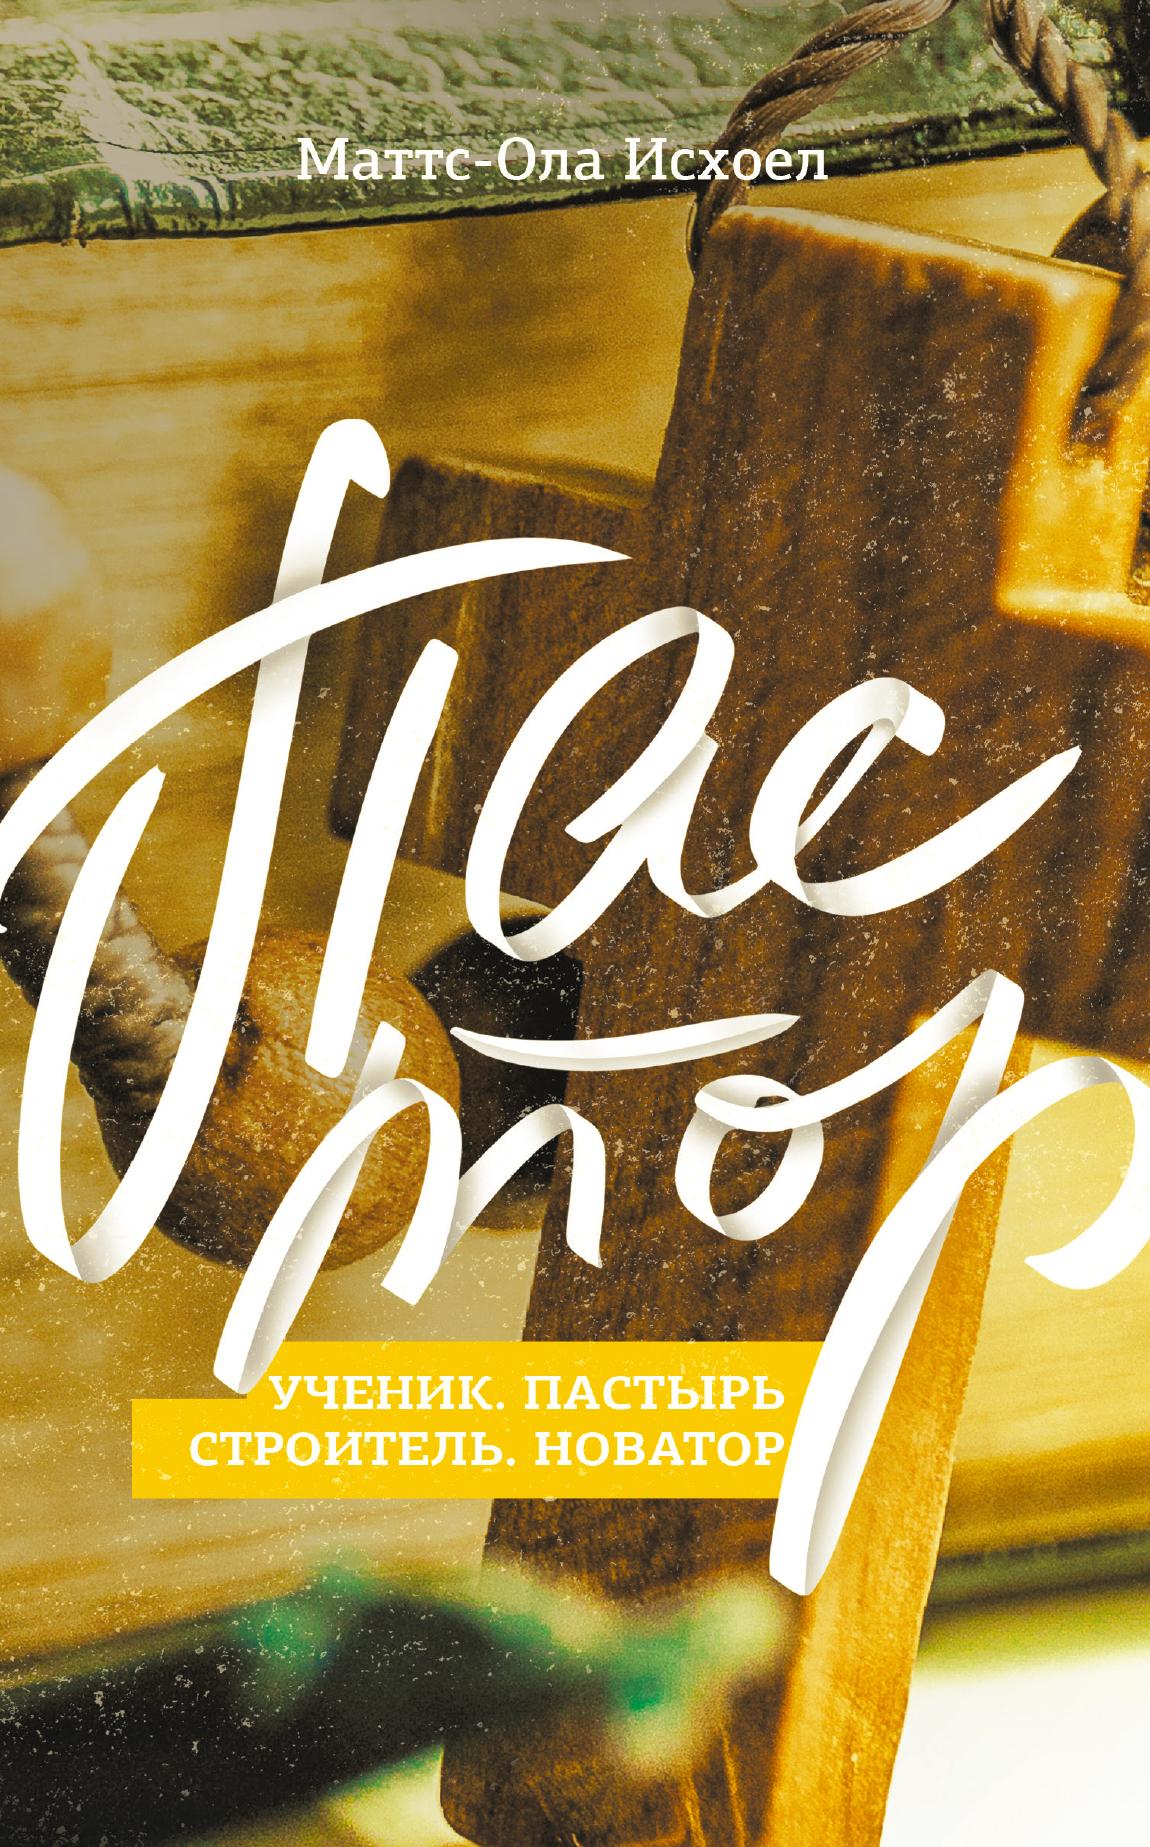 Маттс-Ола Исхоел - Пастор